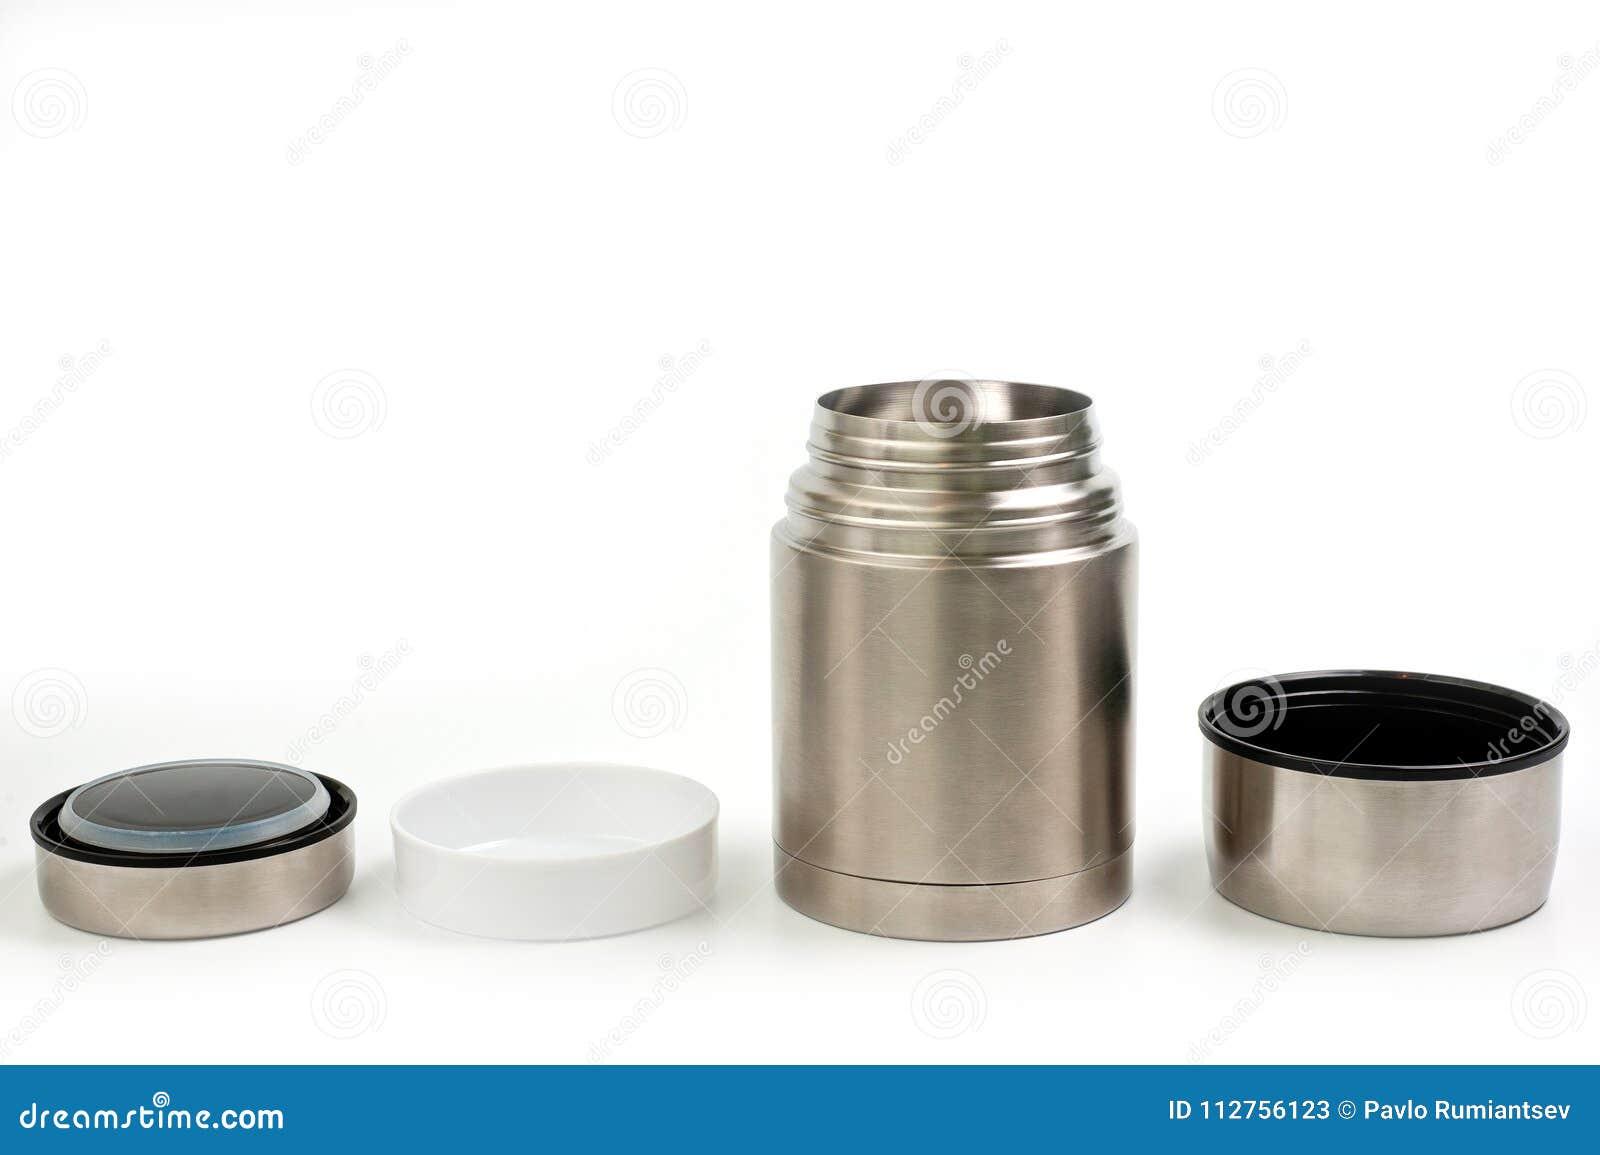 Termos leggero e metallico per il cibo con un piatto di plastica su un fondo bianco